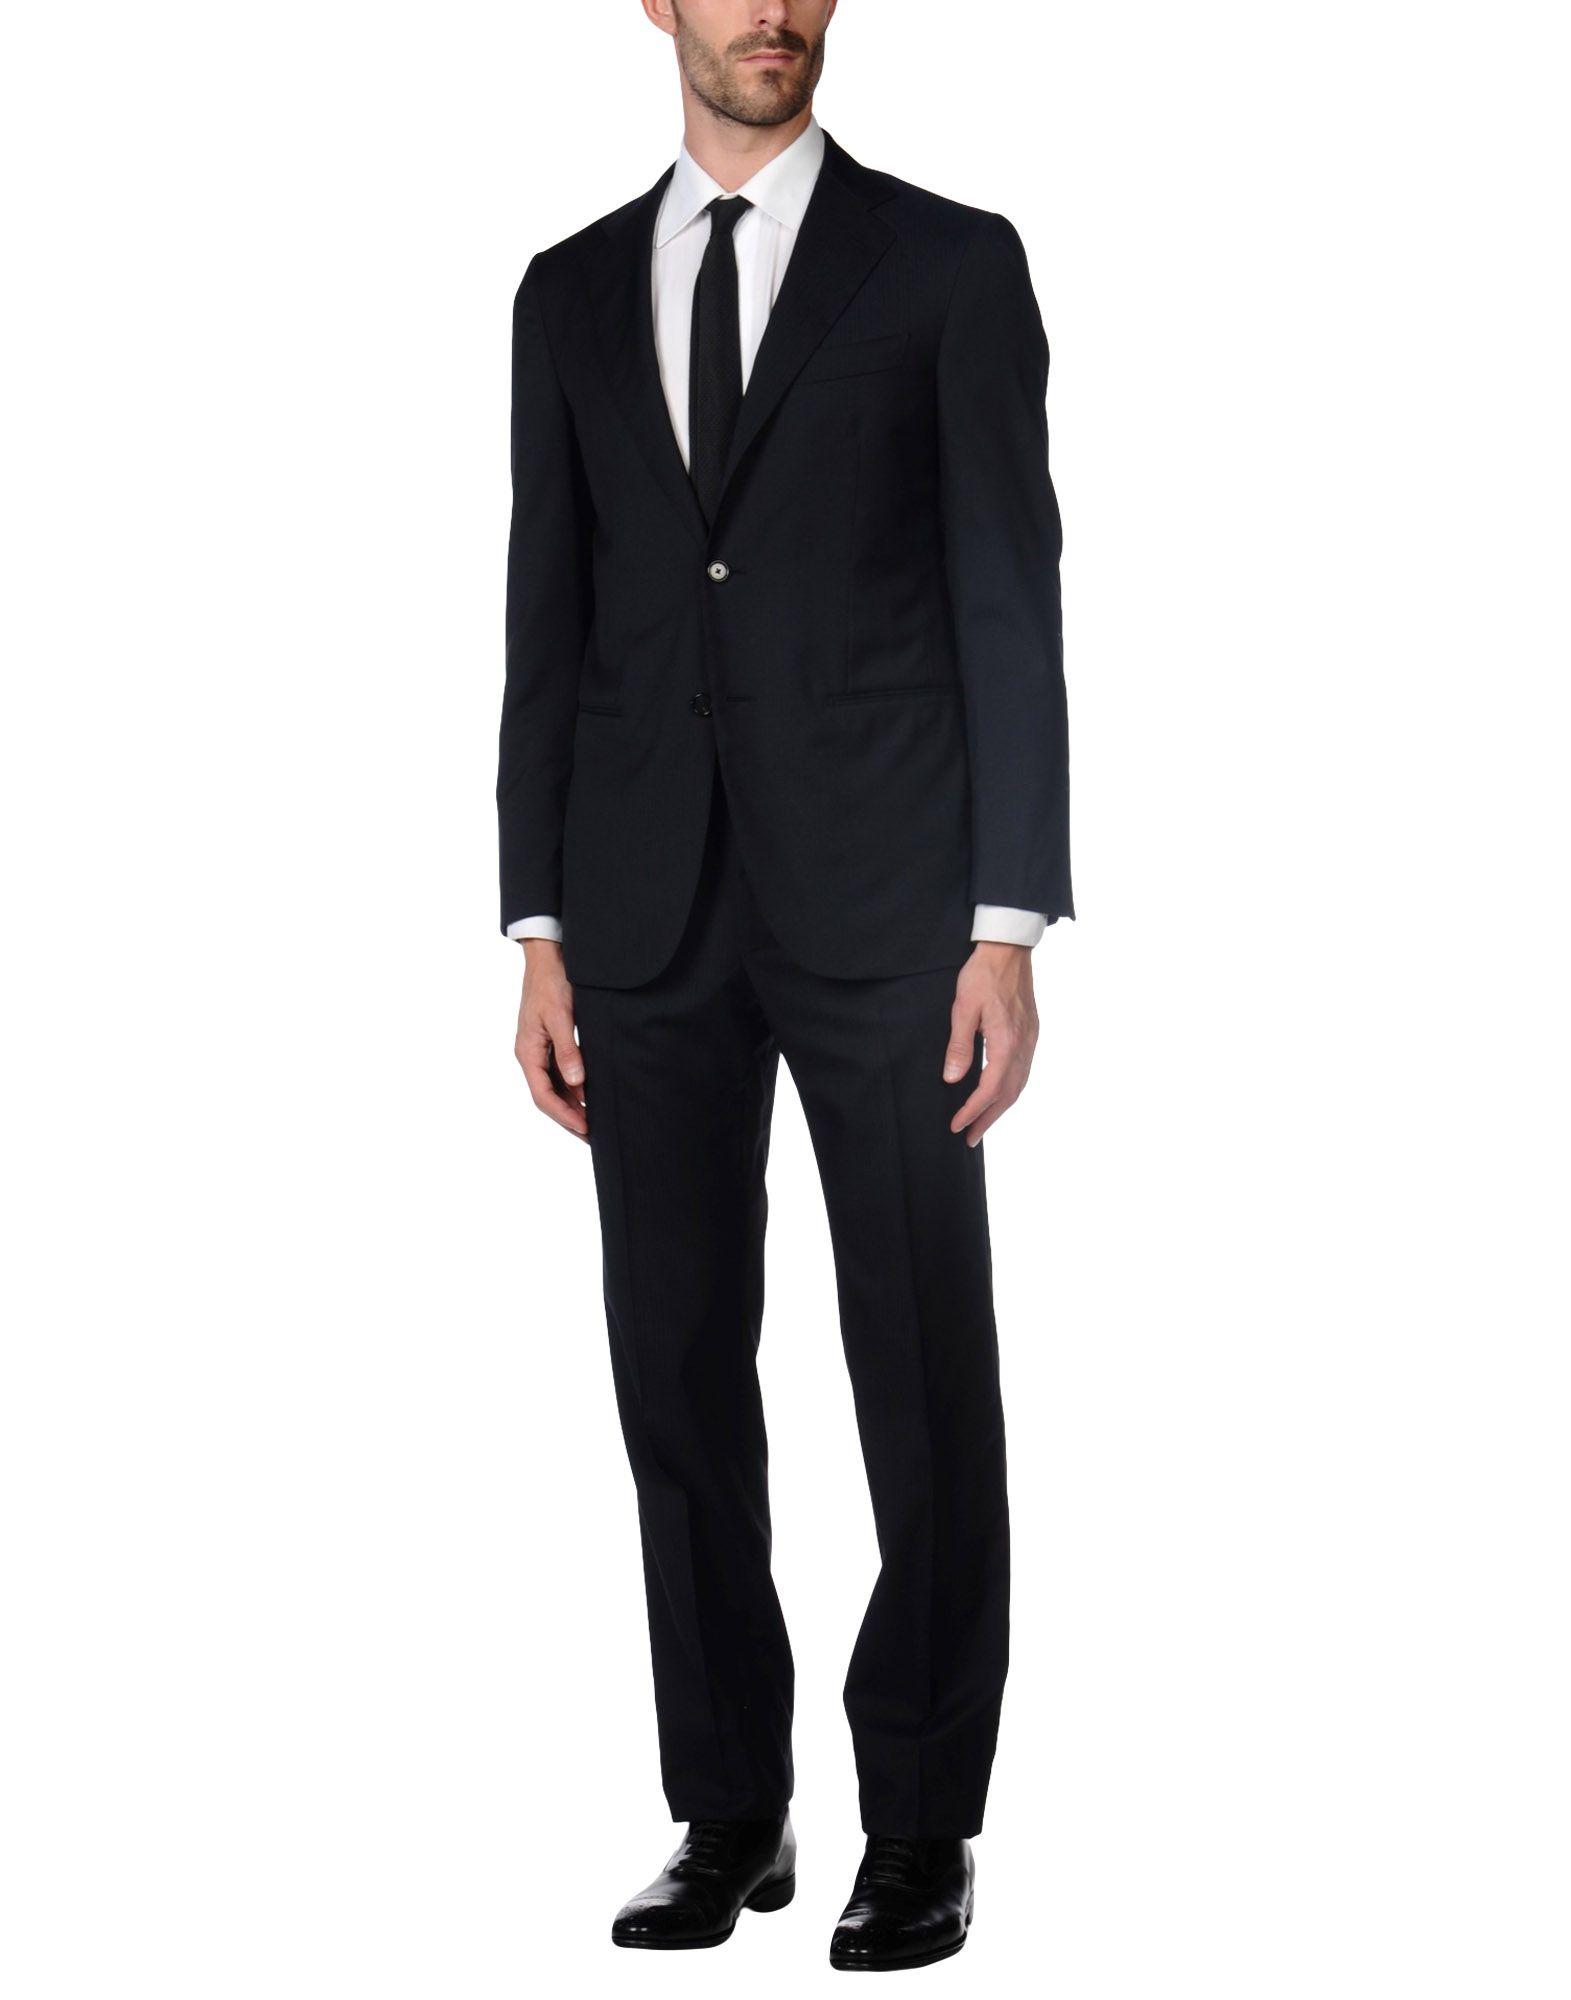 CARUSO Herren Anzug Farbe Dunkelblau Größe 6 jetztbilligerkaufen